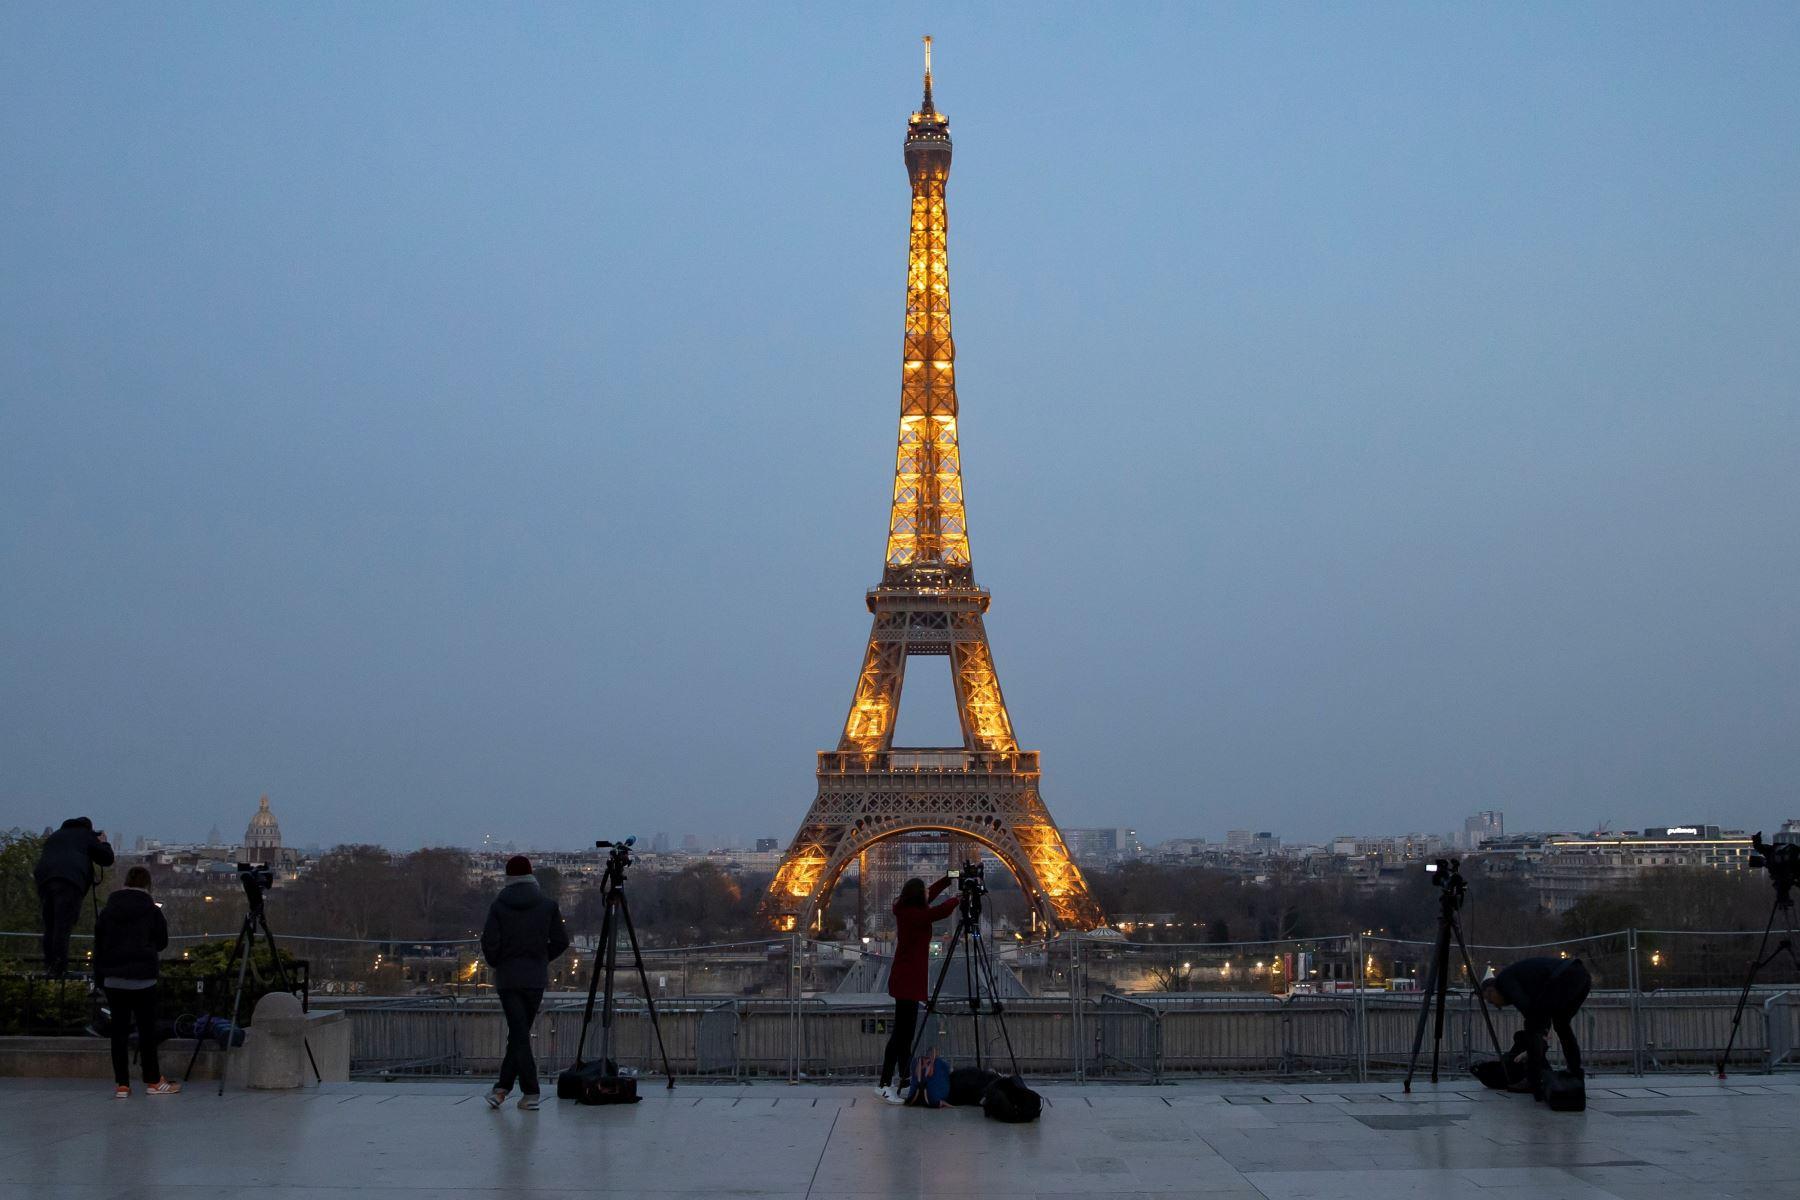 Postula a becas doctorales en Perú y Francia para formar investigadores | Noticias